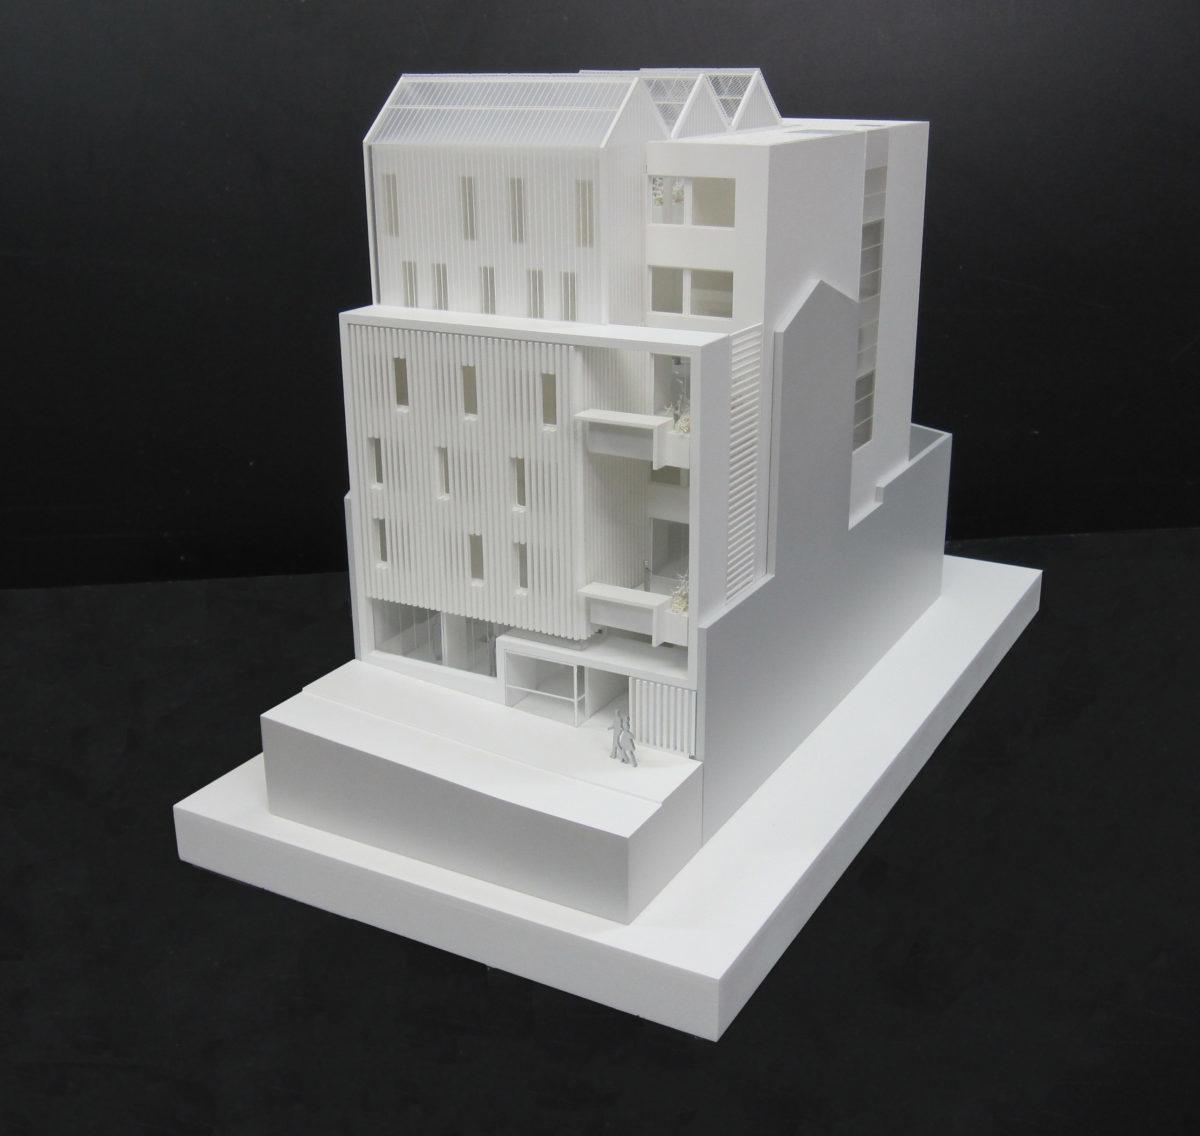 maquette de logements étudiant dans la rue Piat à Paris pour réinventons paris,La Sablière à l'échelle 1/100ème